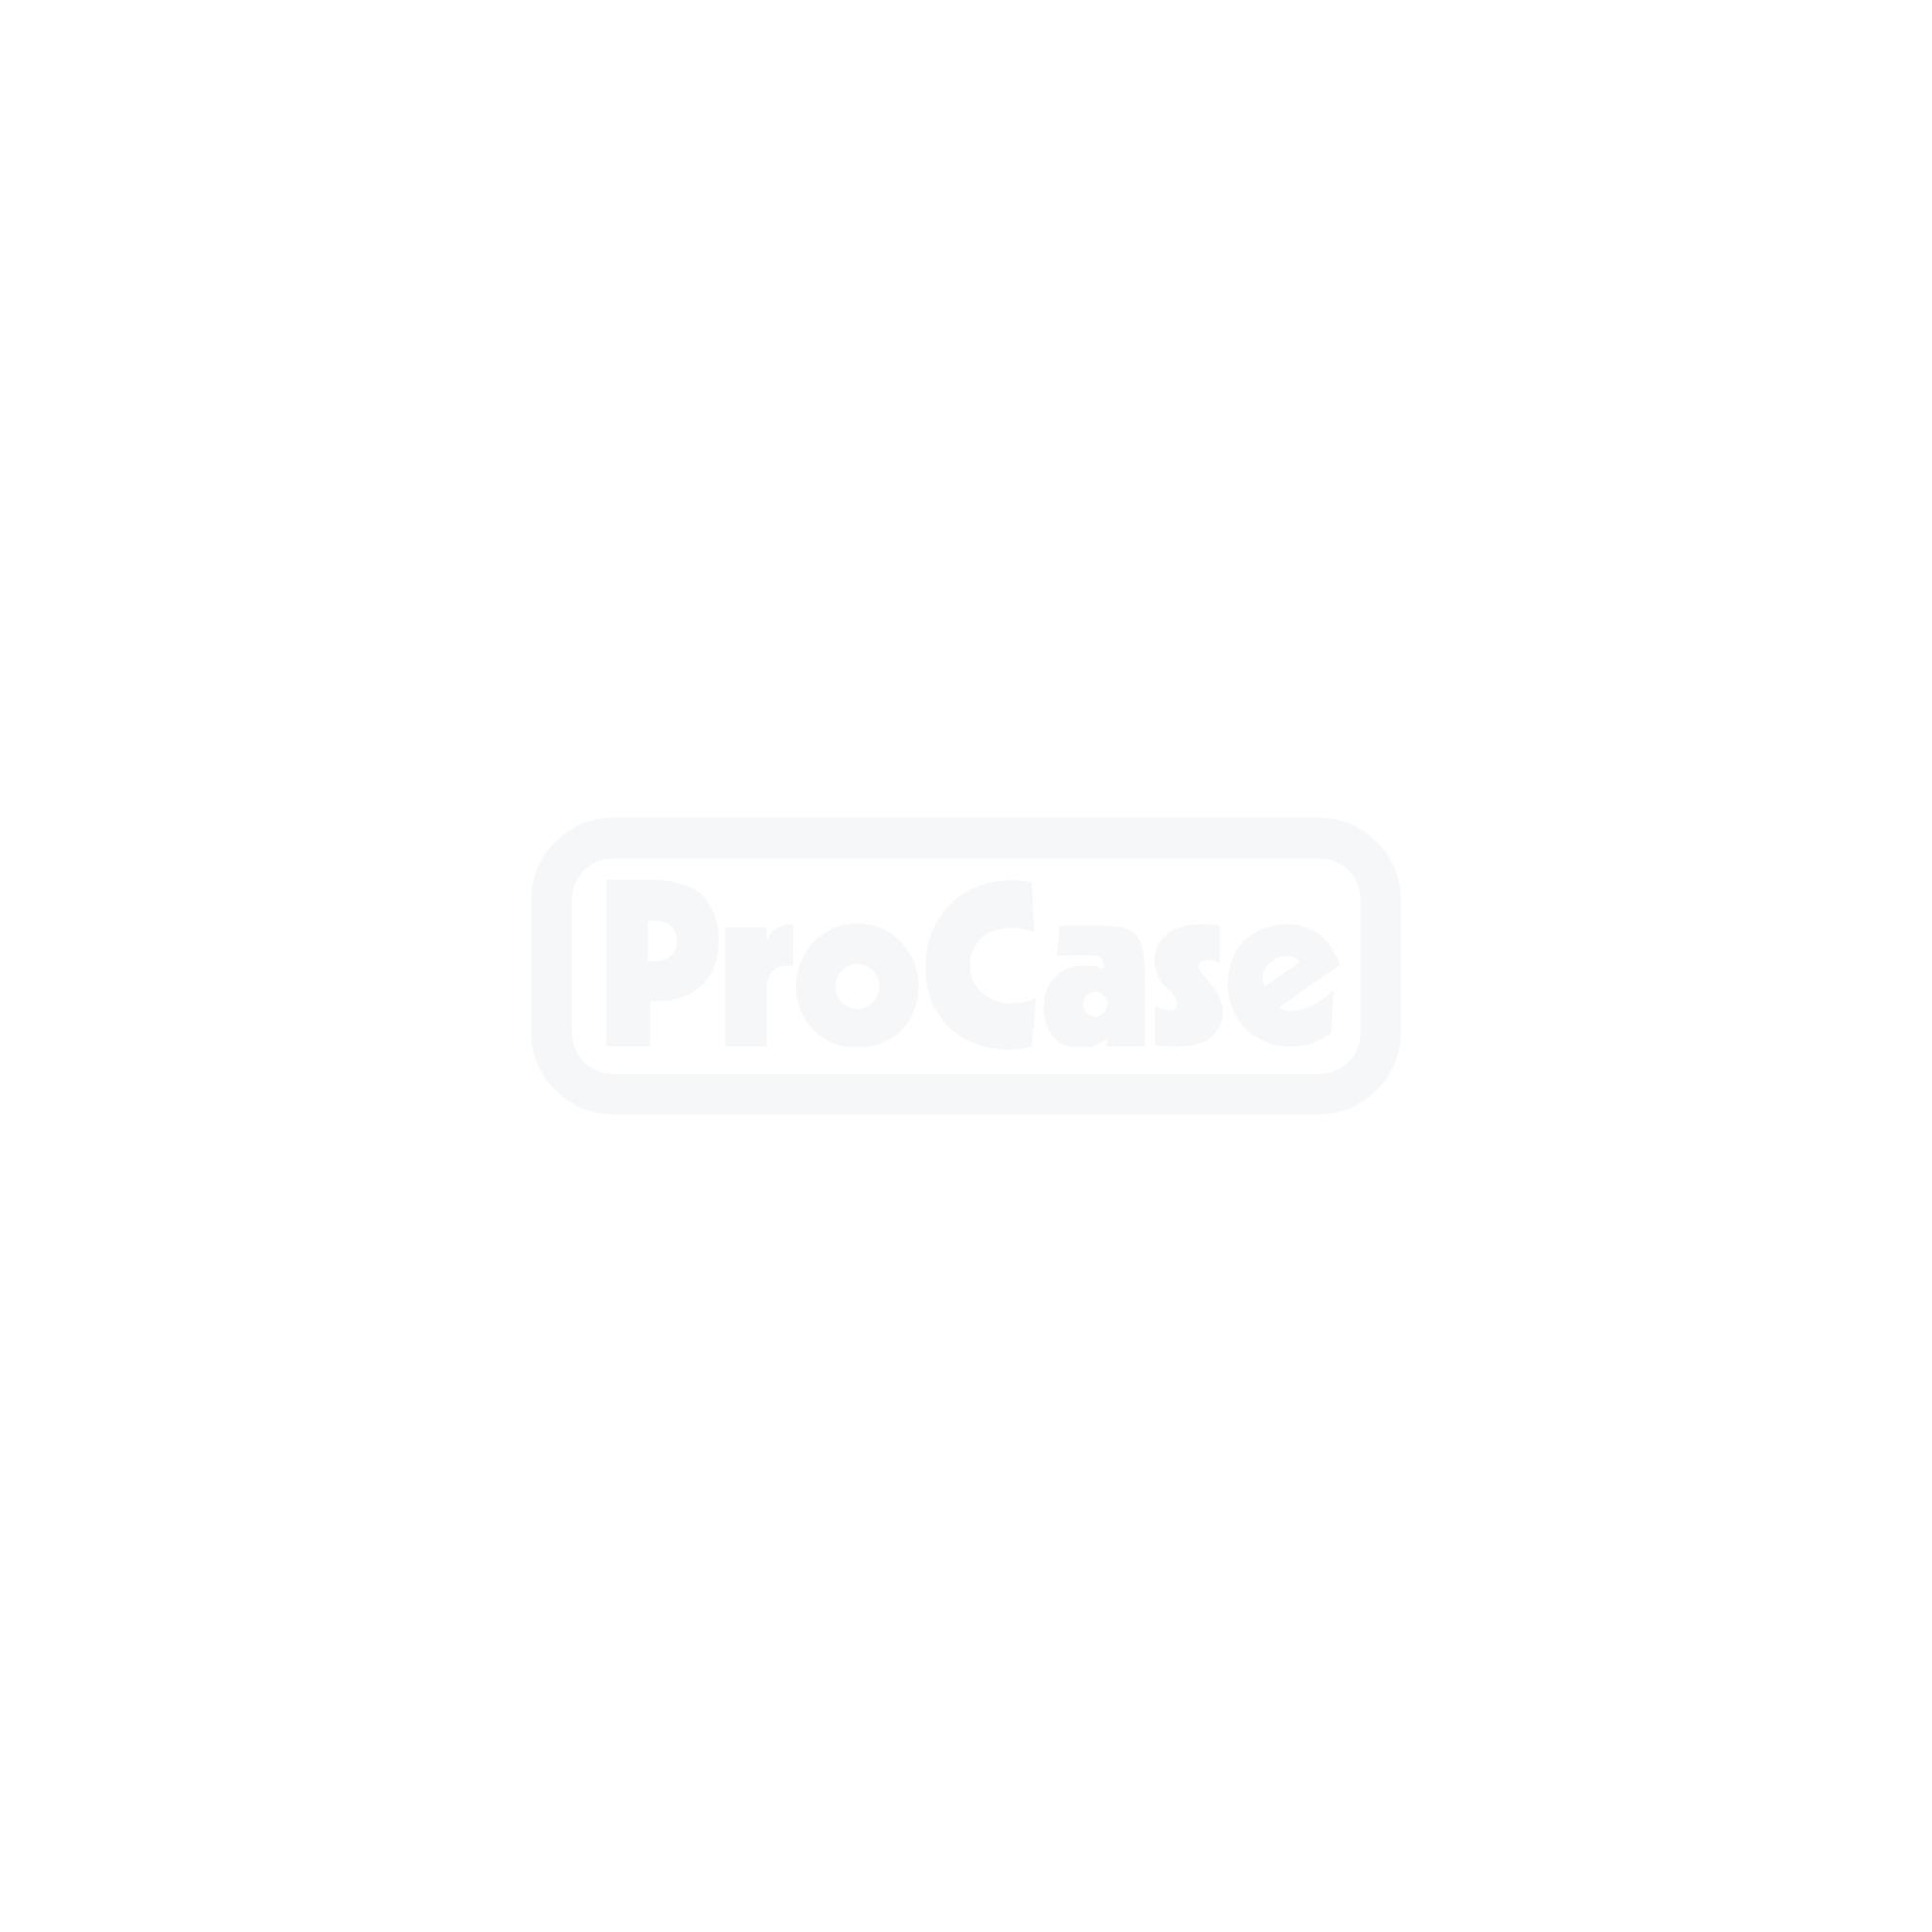 Trasportcontainer für Schiffskolben MTU PowerUnit